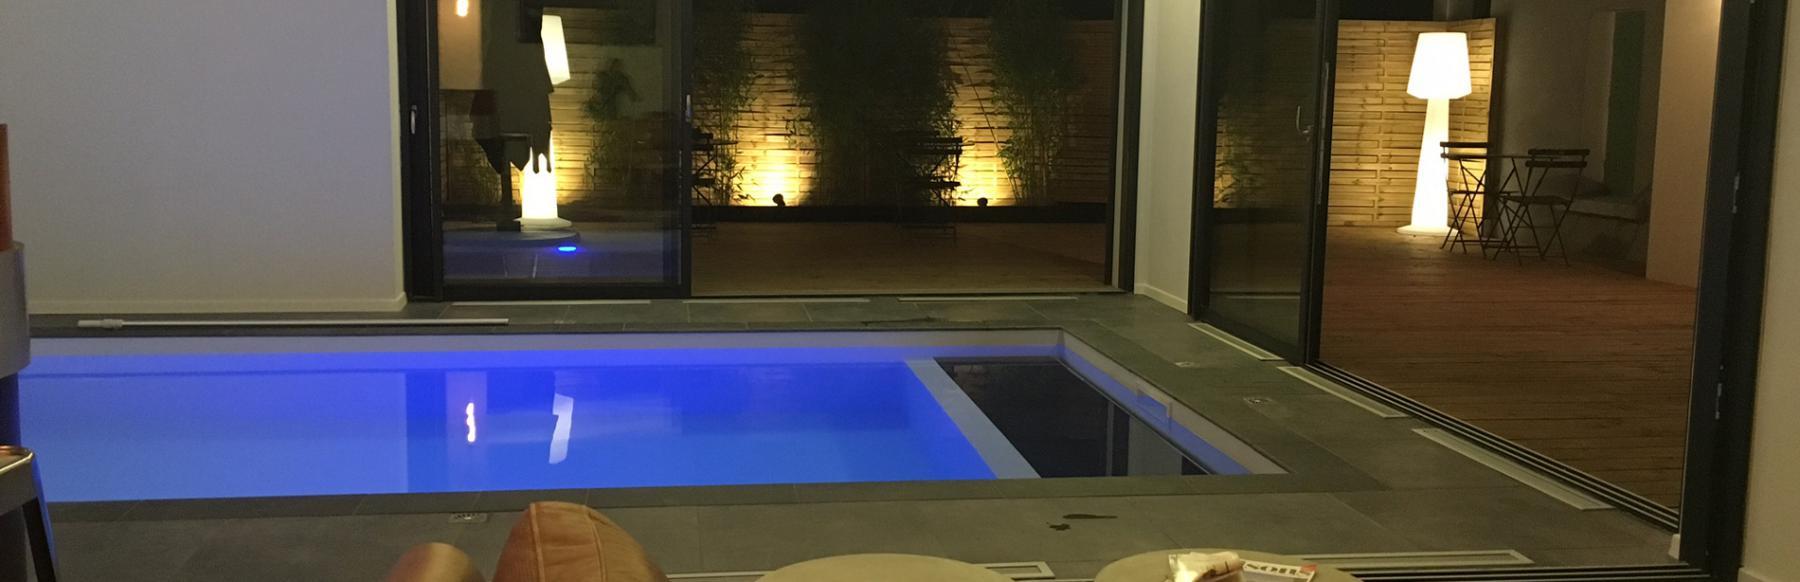 Maison d 39 h tes avec piscine clermont ferrand - Chambre hote clermont ferrand ...